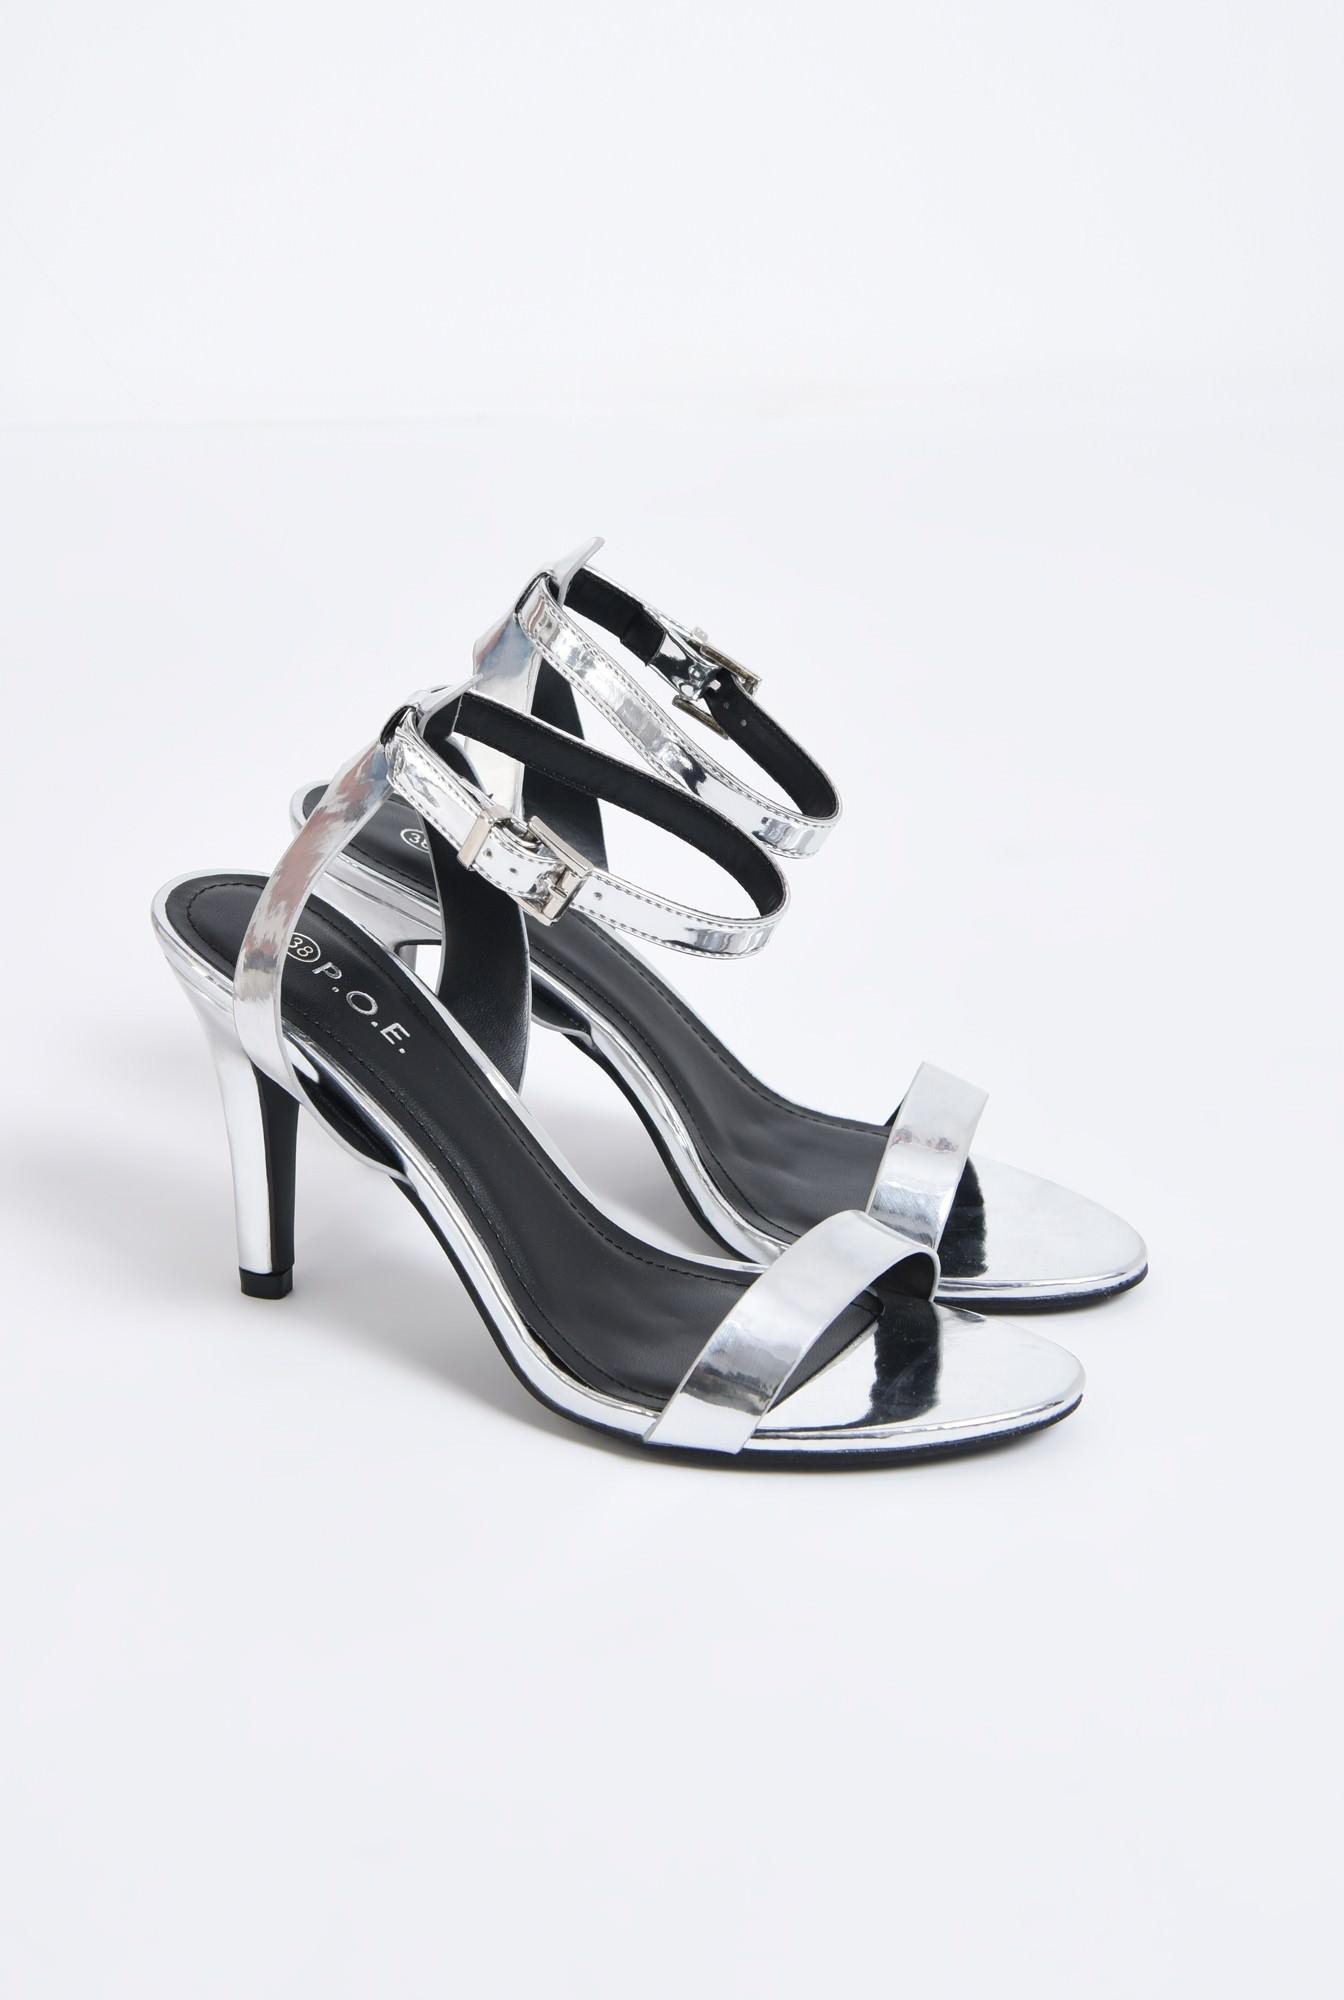 1 - sandale metalice, toc subtire, bareta peste picior